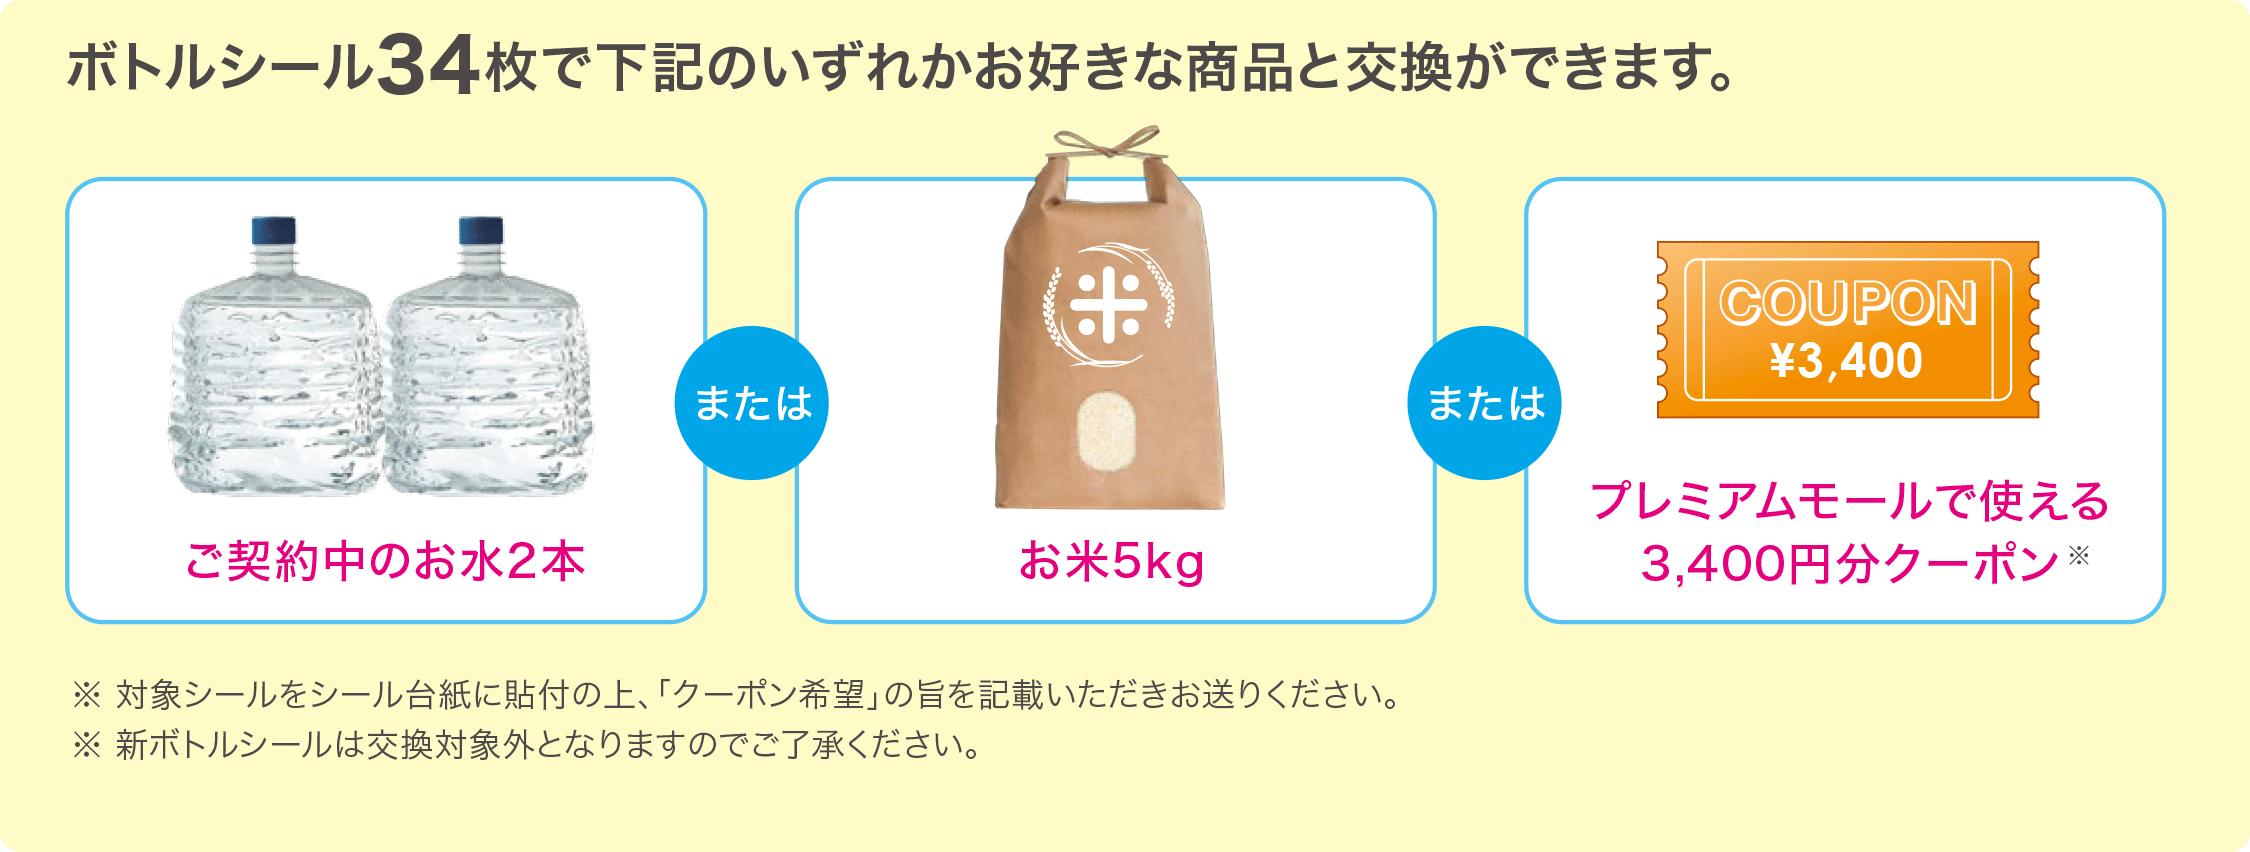 契約中の水2本もしくはお米、またはモールクーポン3400円分と交換